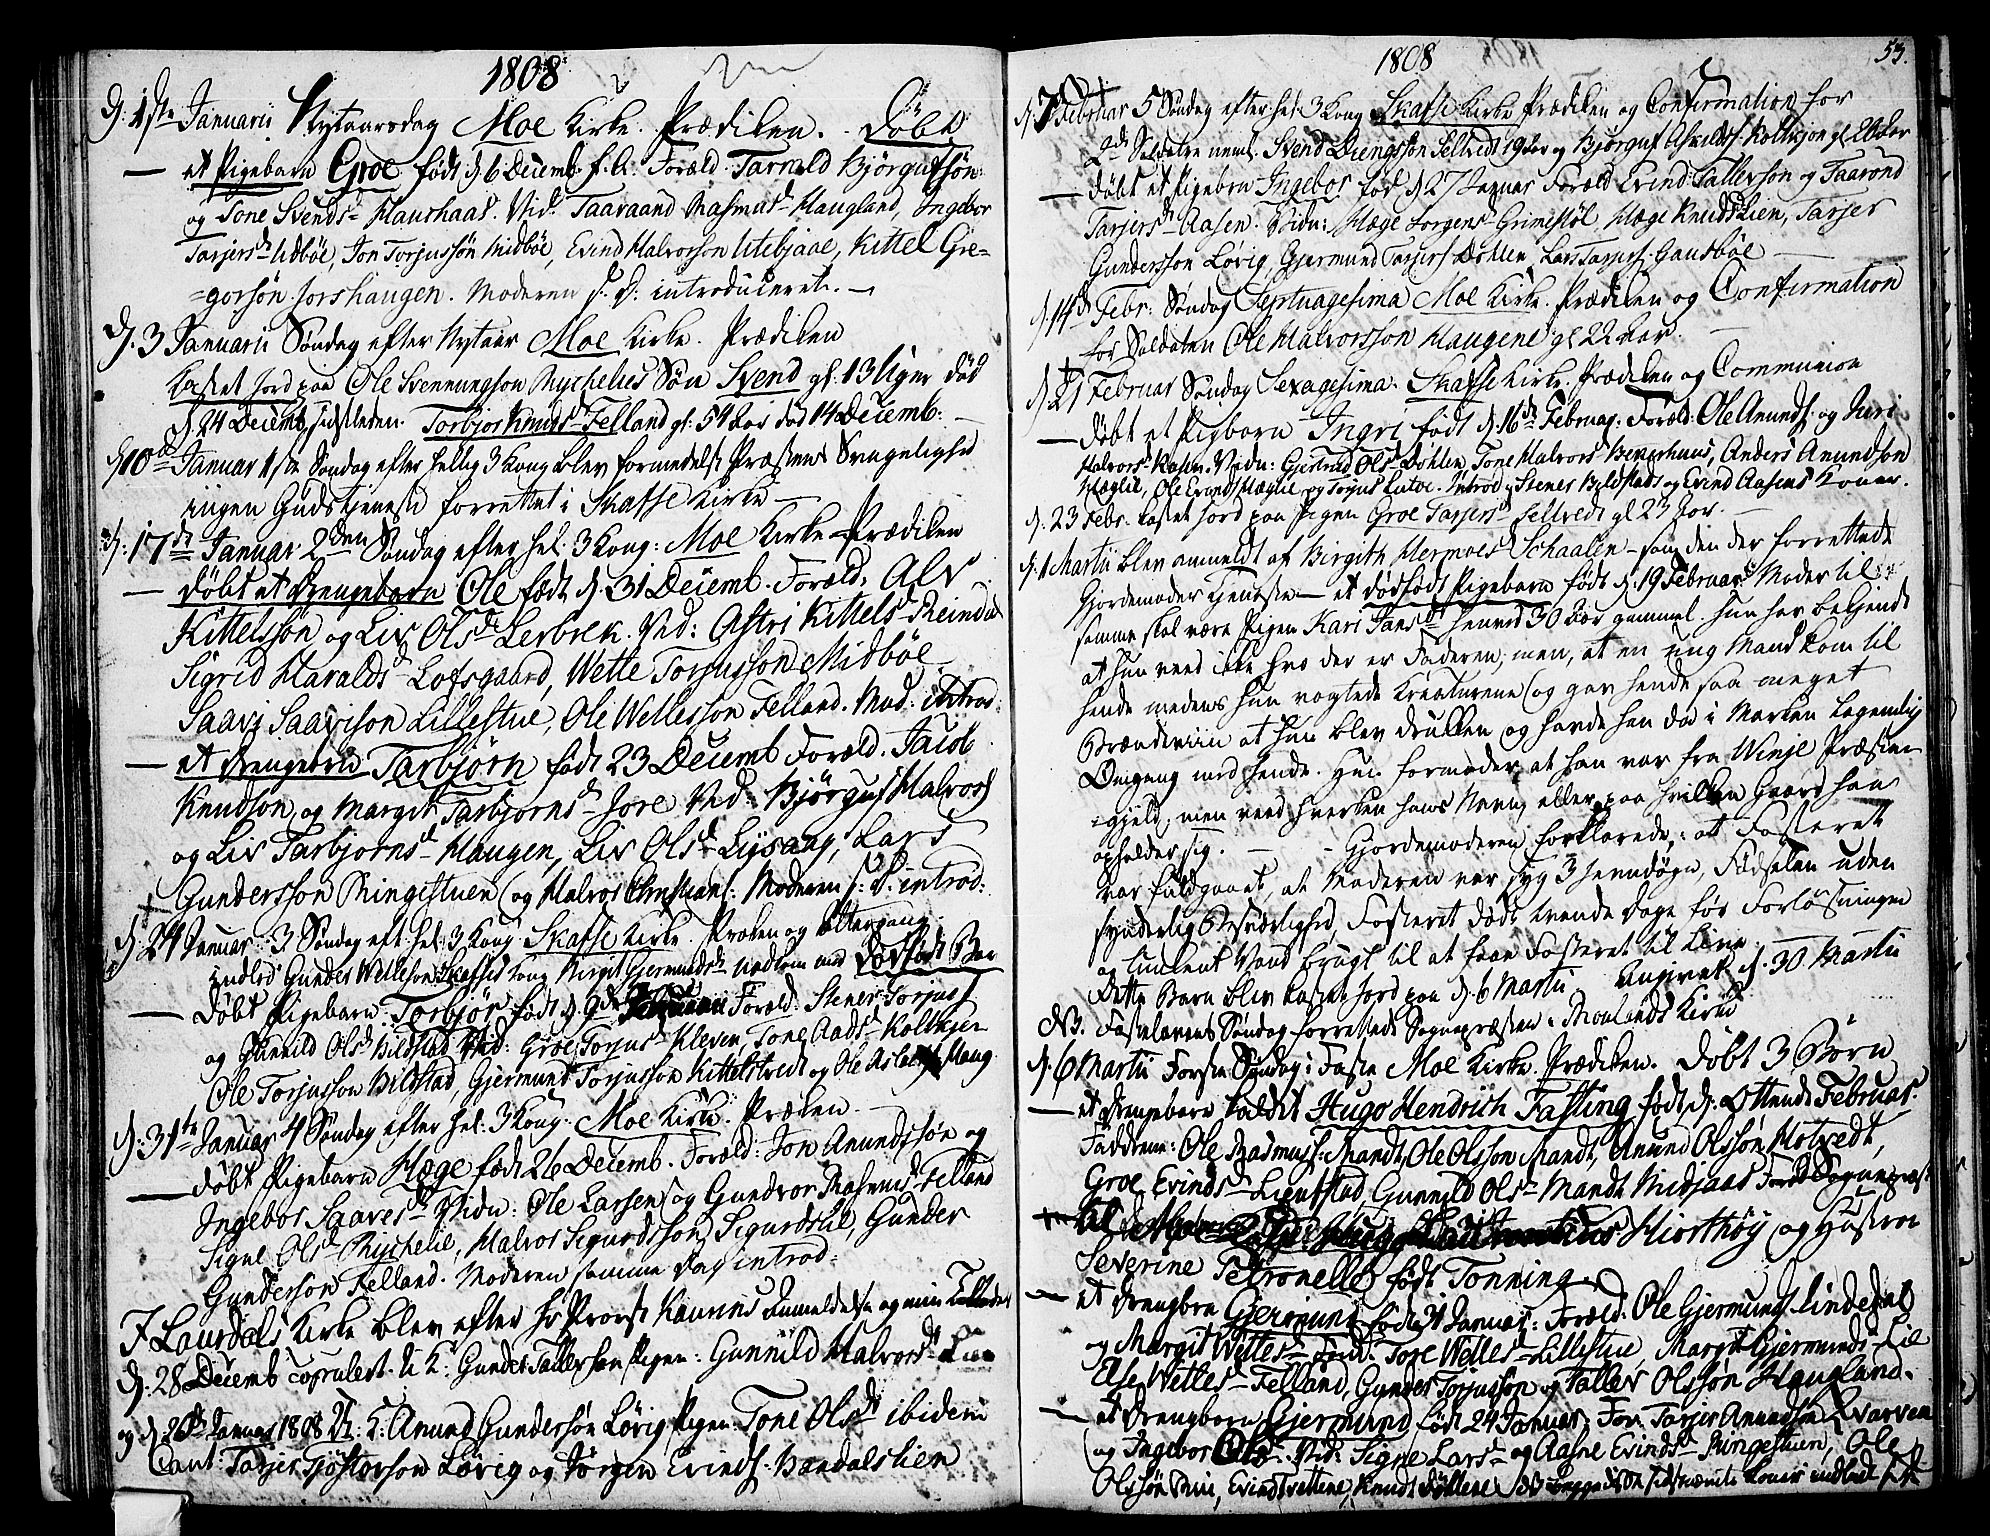 SAKO, Mo kirkebøker, F/Fa/L0003: Ministerialbok nr. I 3, 1800-1814, s. 53